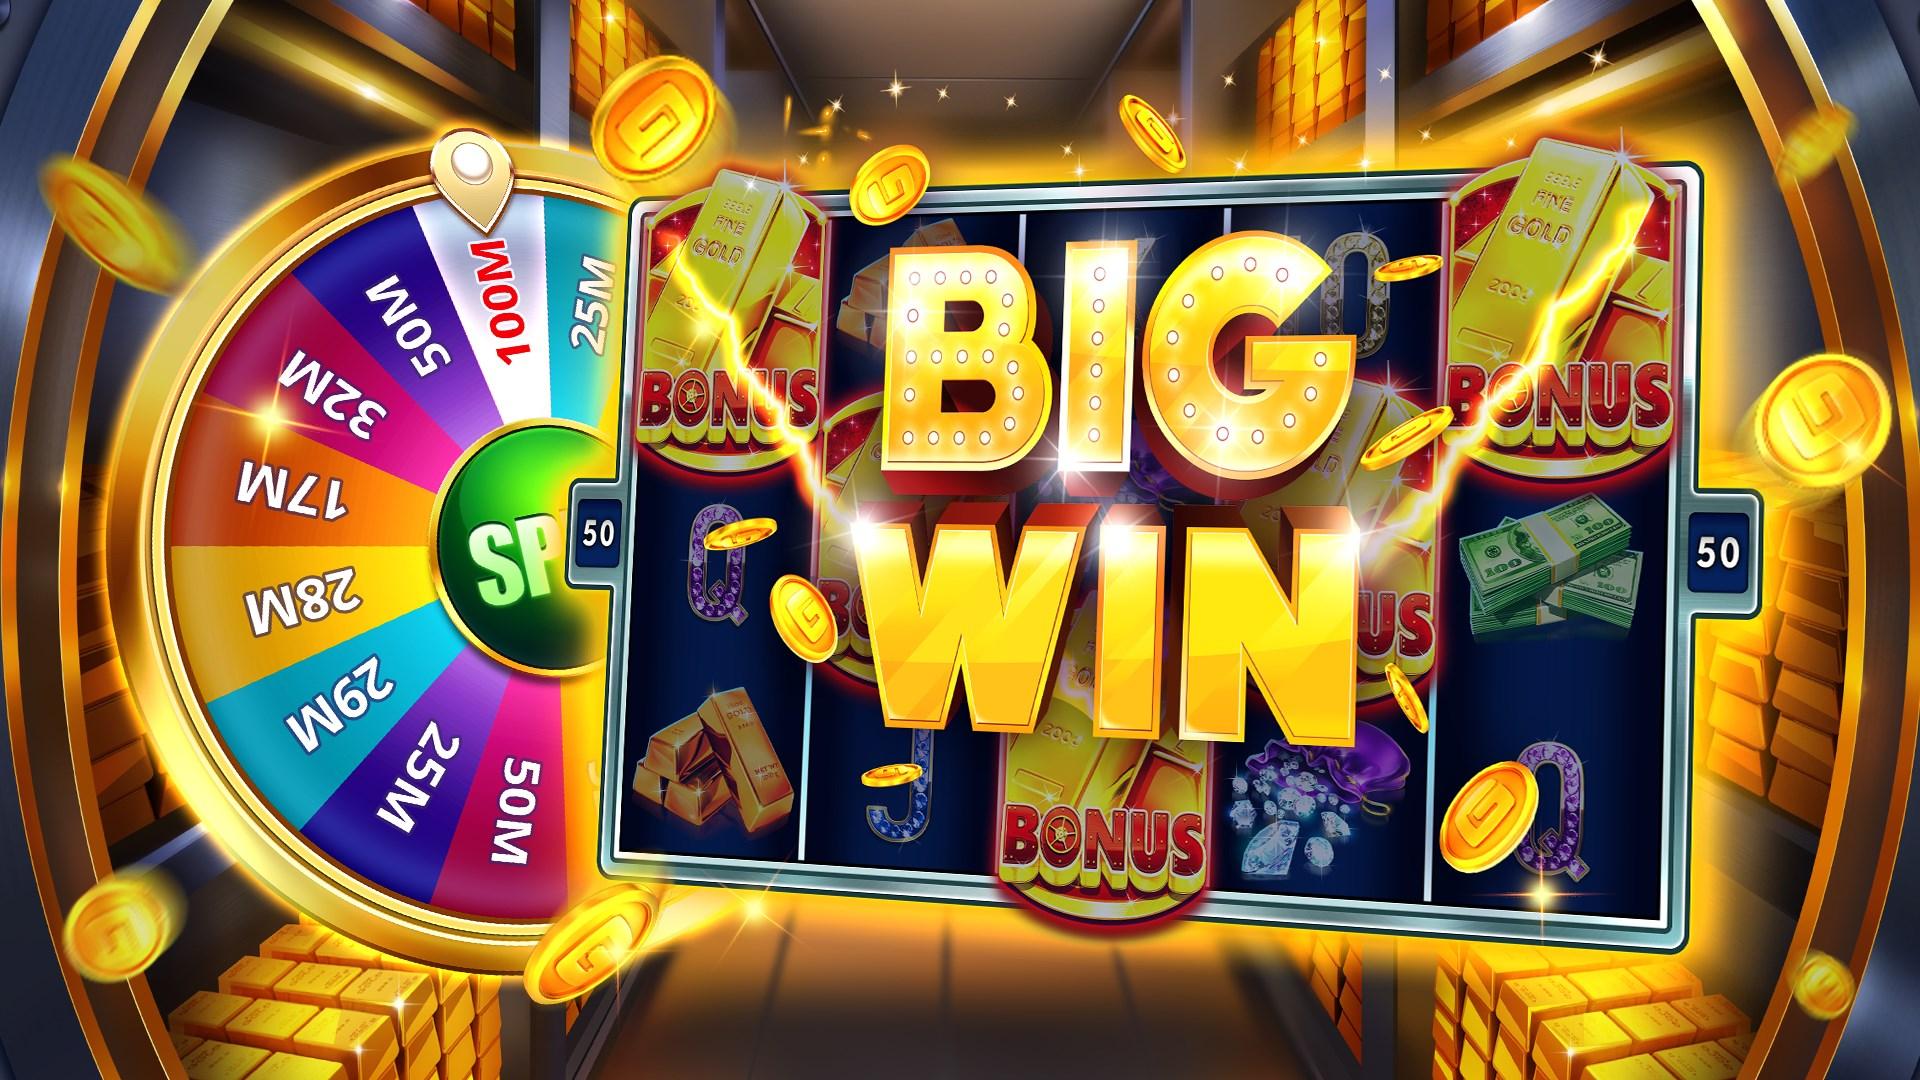 Top UK Slot Games